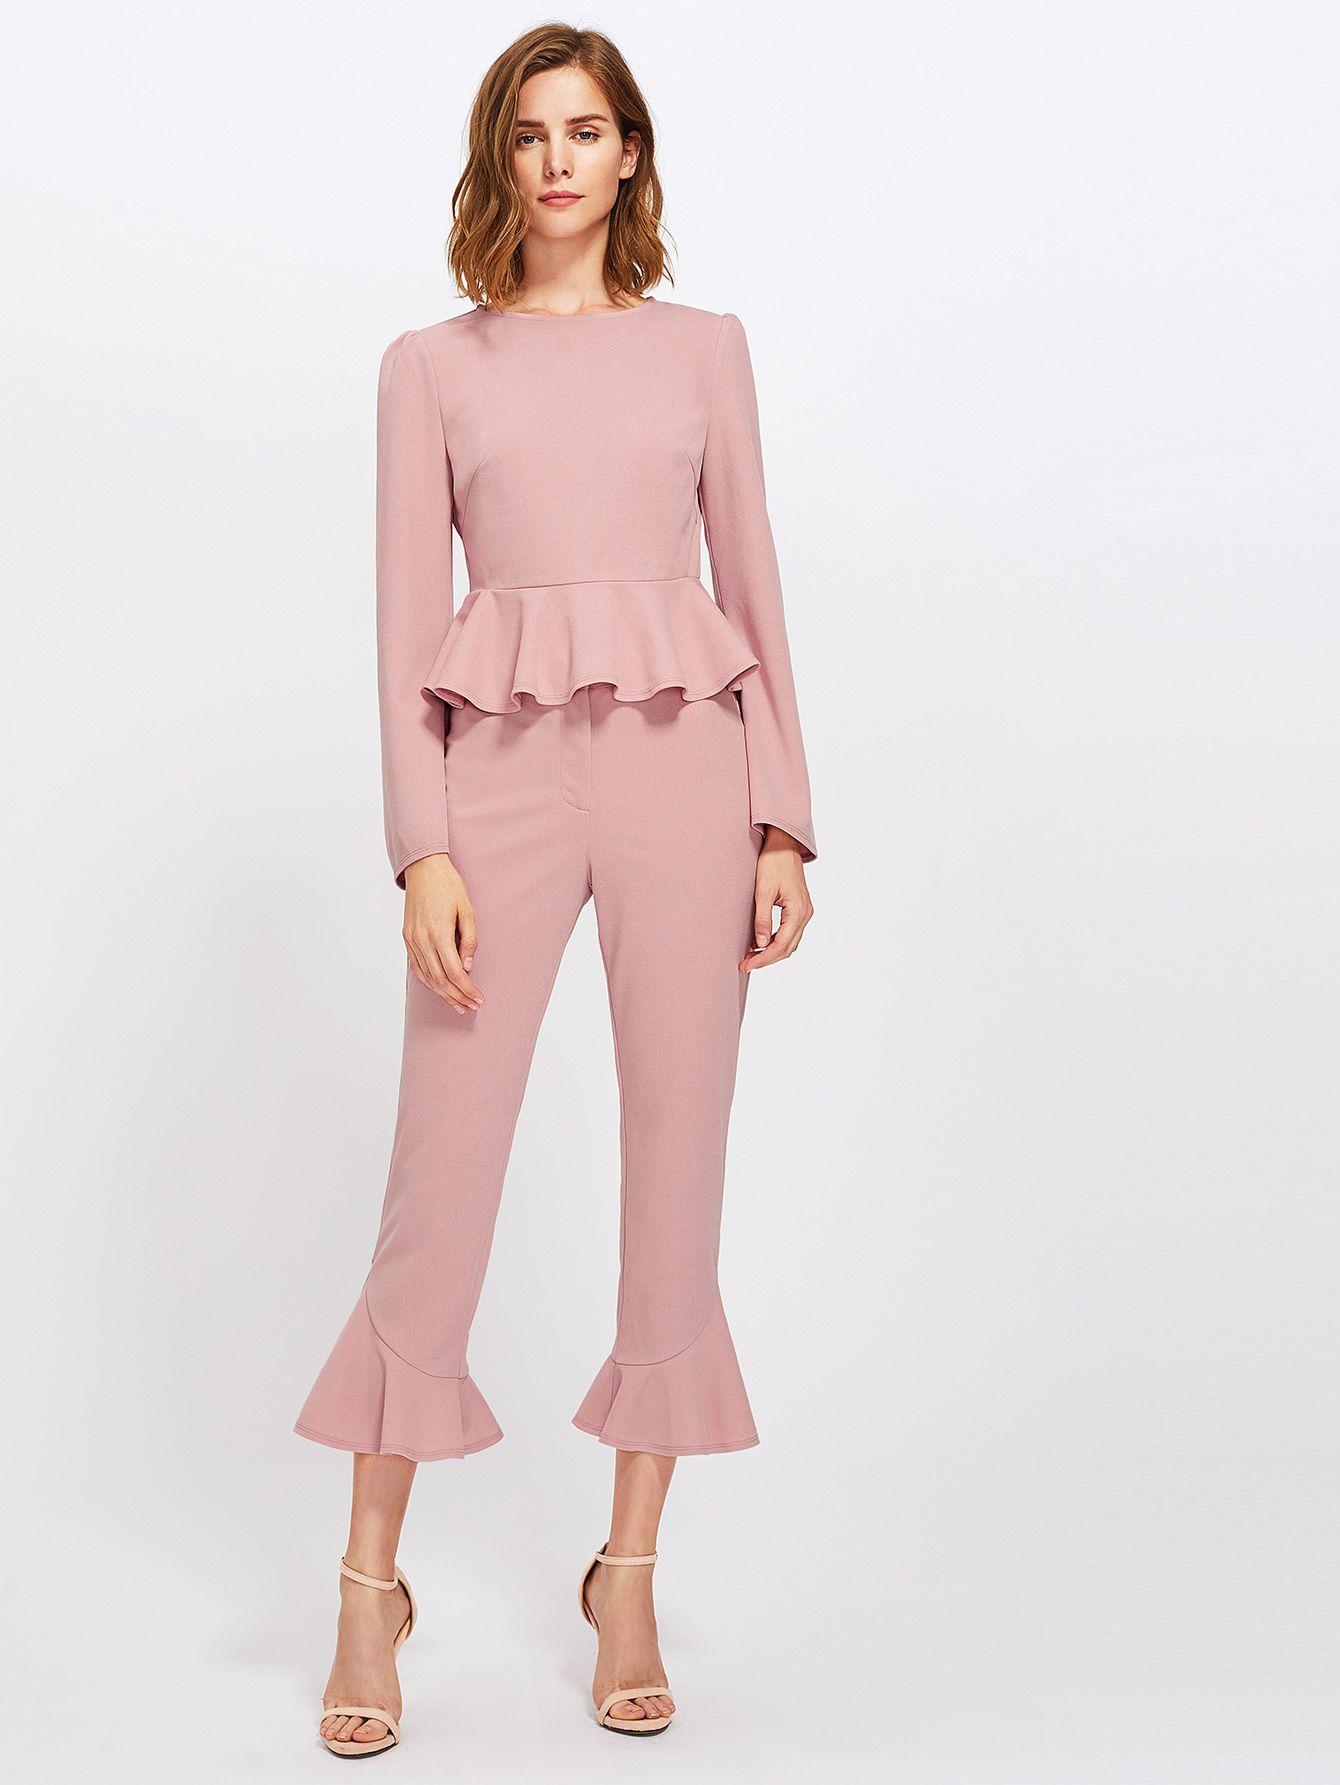 Bell Sleeve Peplum Top And Tailored Ruffle Hem Pants Set   Pinterest ...